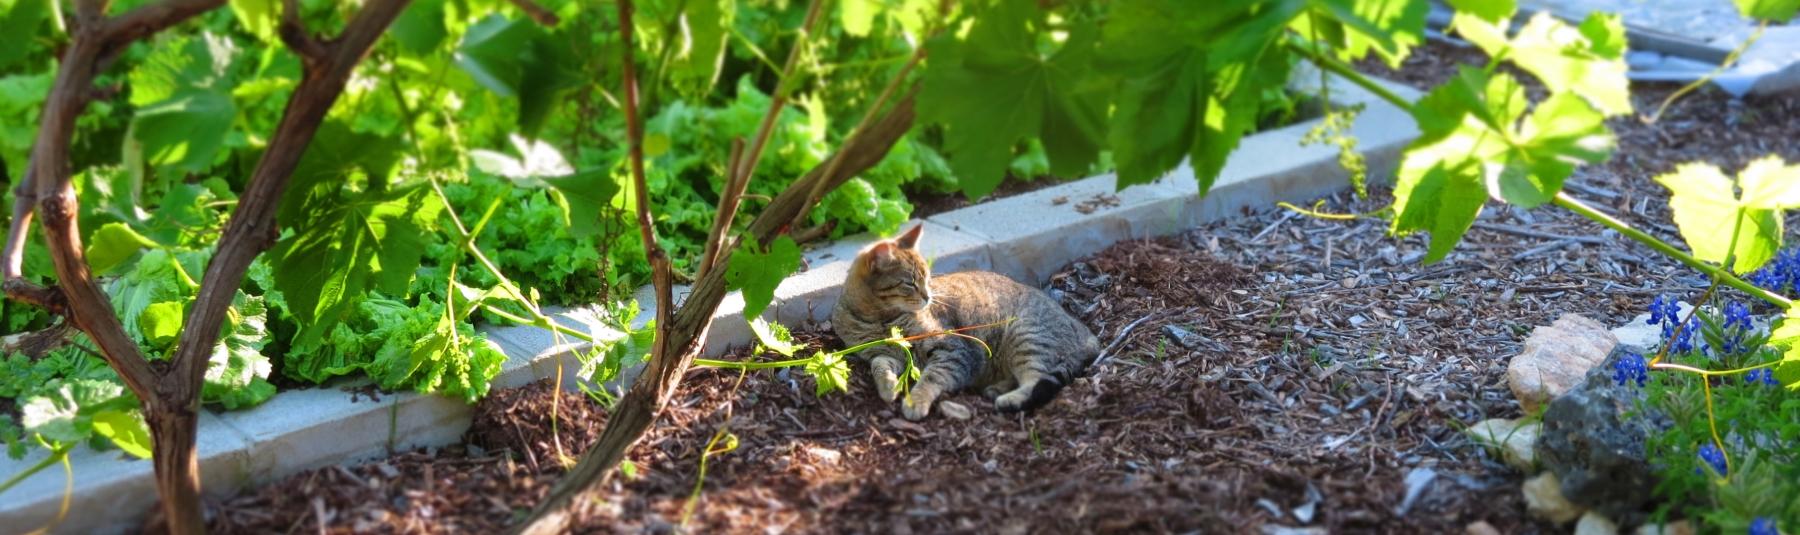 Zoe in the Garden